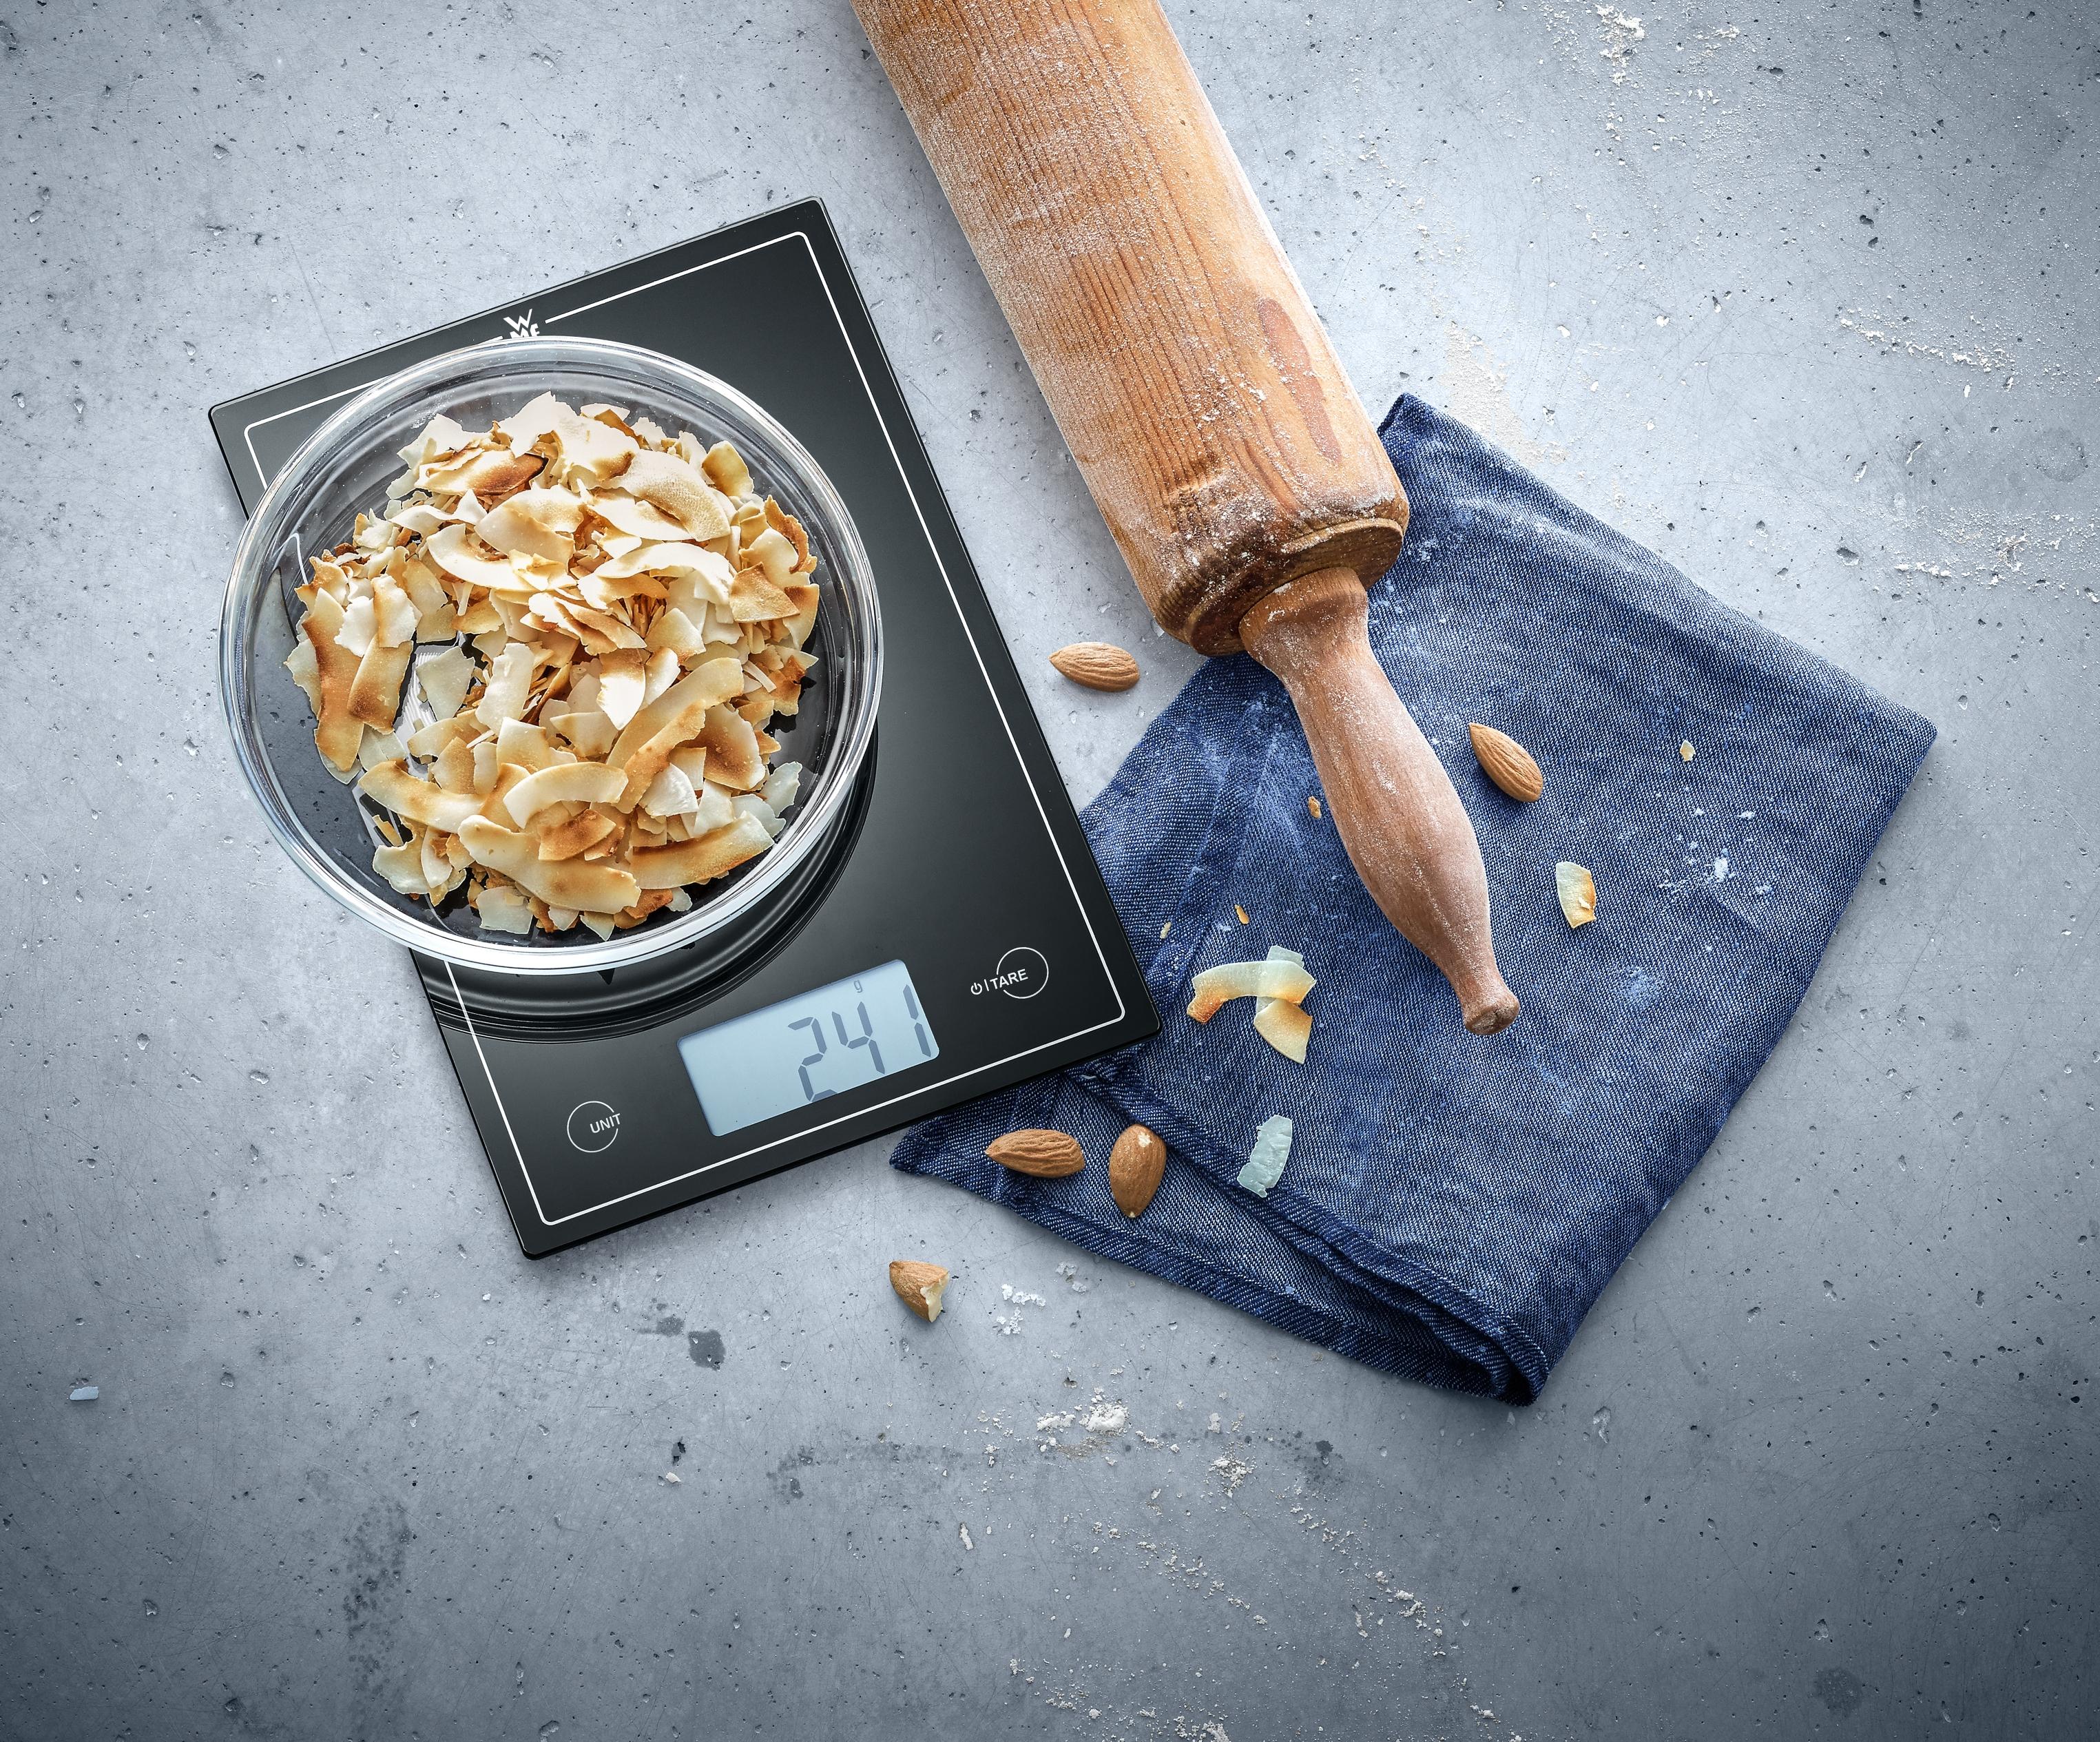 Profi Select Mutfak Tartısı: Hassas tartım ve ölçümler